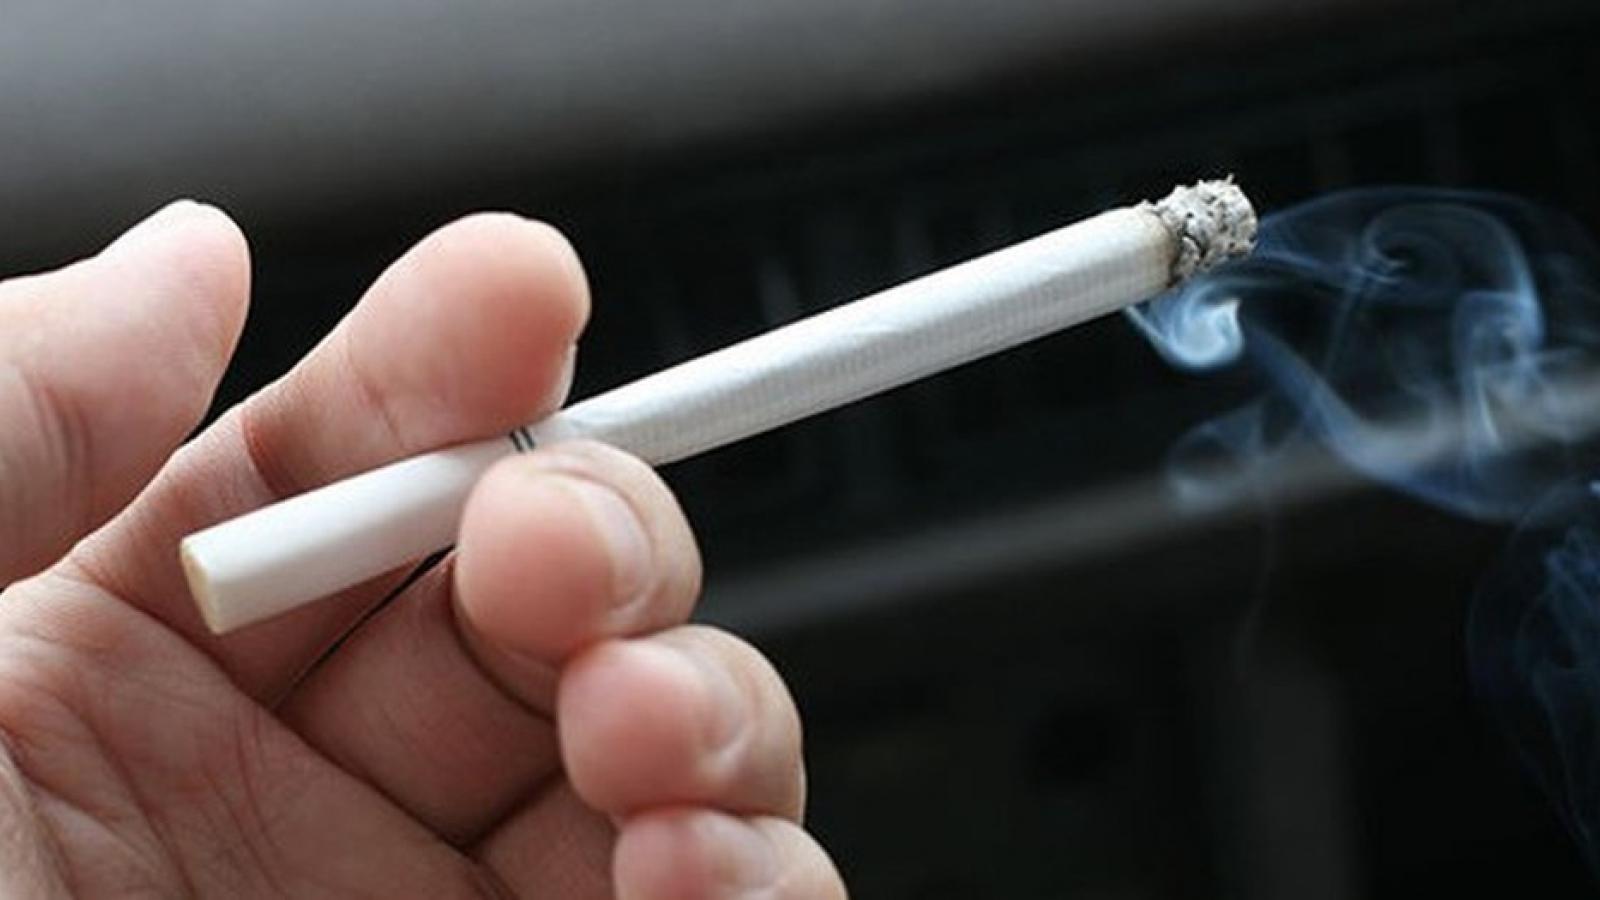 Tăng mức xử phạt đối với hành vi vi phạm về hút thuốc liệu có hiệu quả?